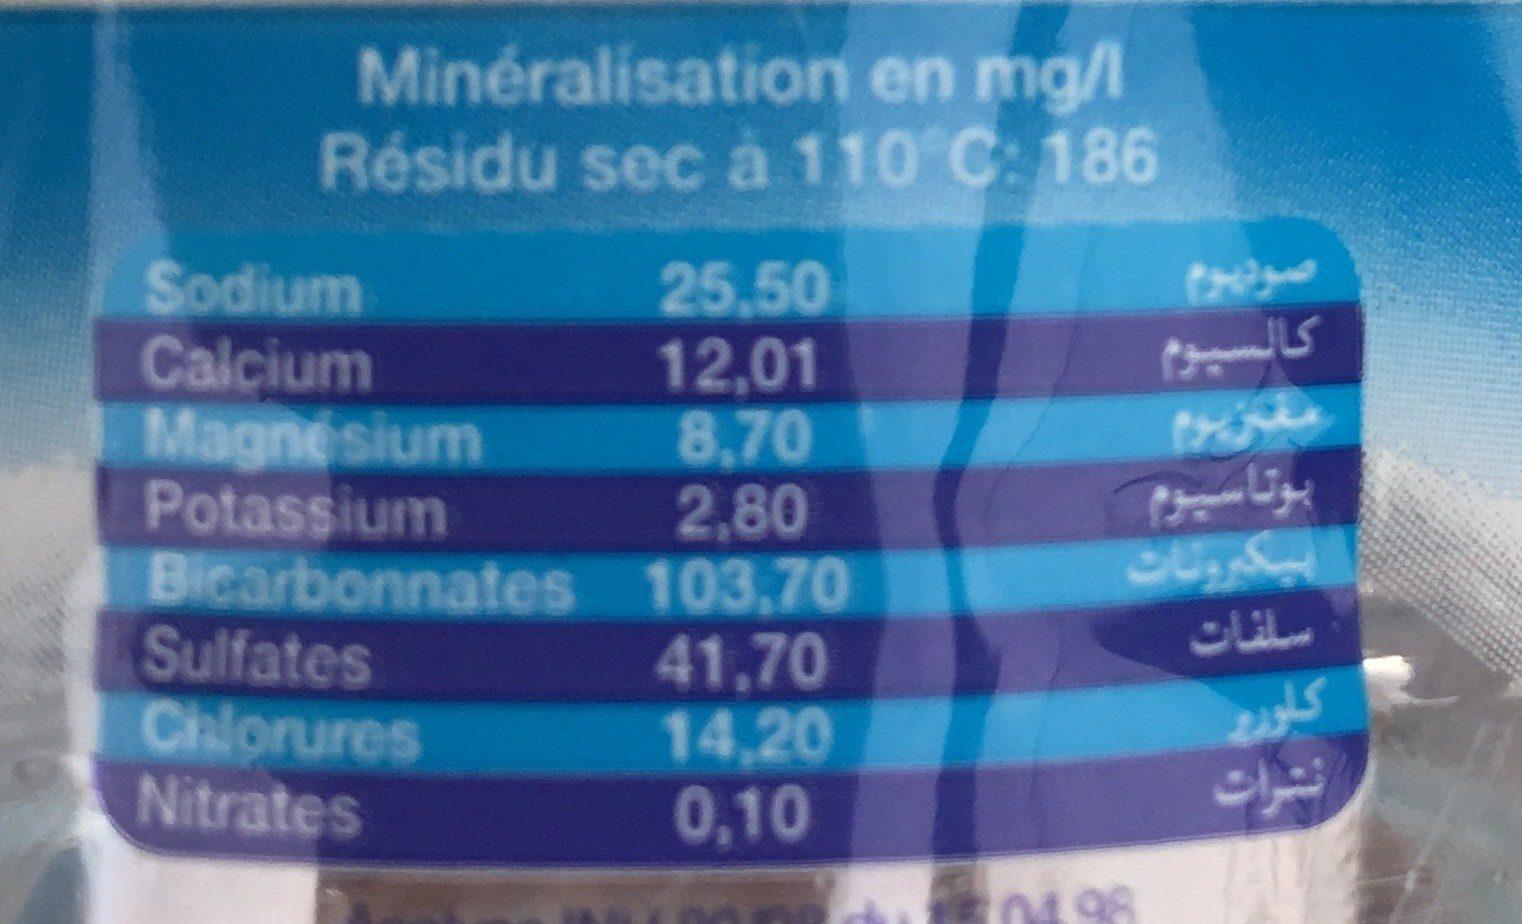 Eau minerale - Informations nutritionnelles - fr